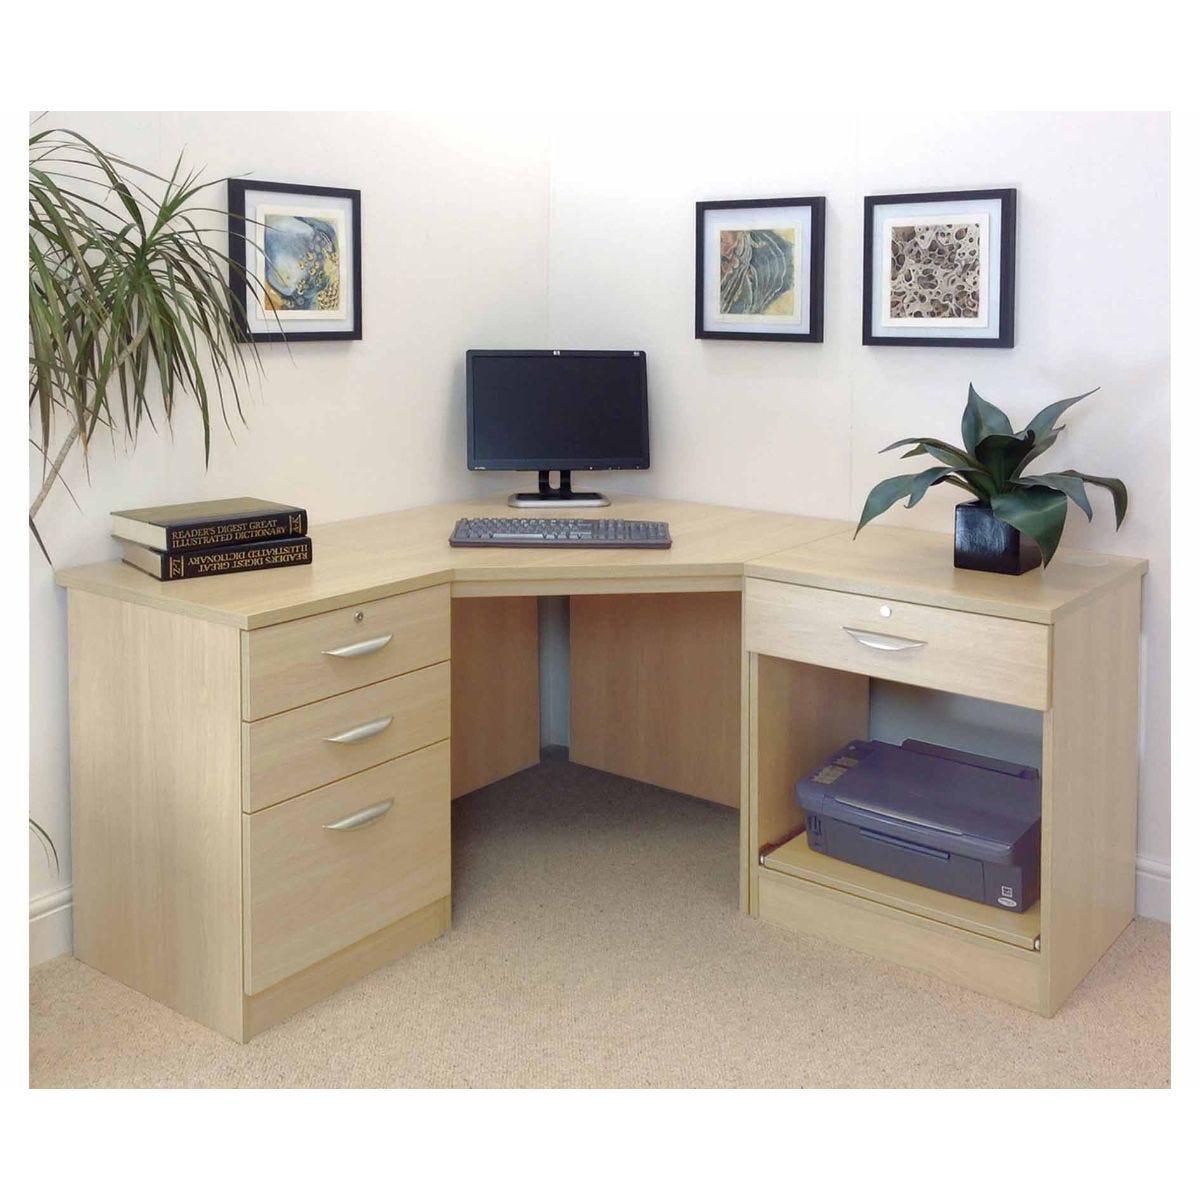 R White Home Office Corner Desk, Beech Wood Grain